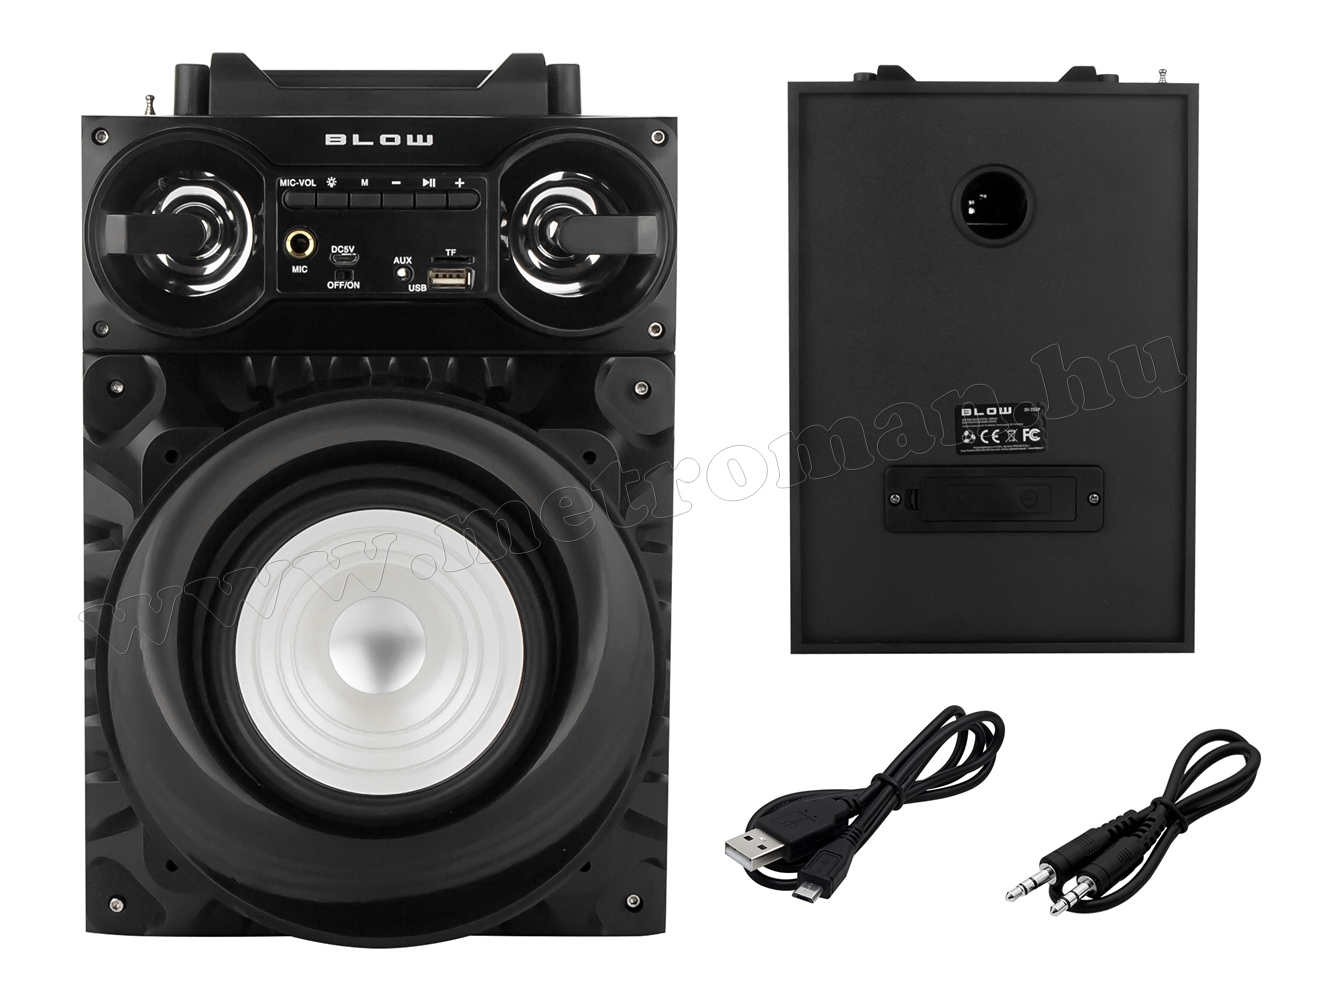 Hordozható USB/SD/MP3 lejátszó, Bluetooth Multimédia hangfal FM rádióval és Karaoke funkcióval BT810